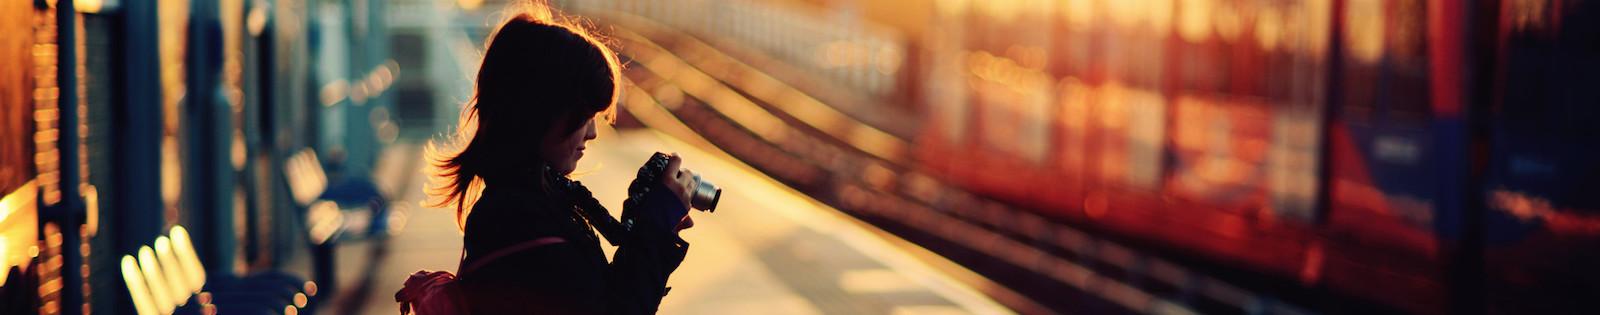 5 cosas que aprenderás viajando sola